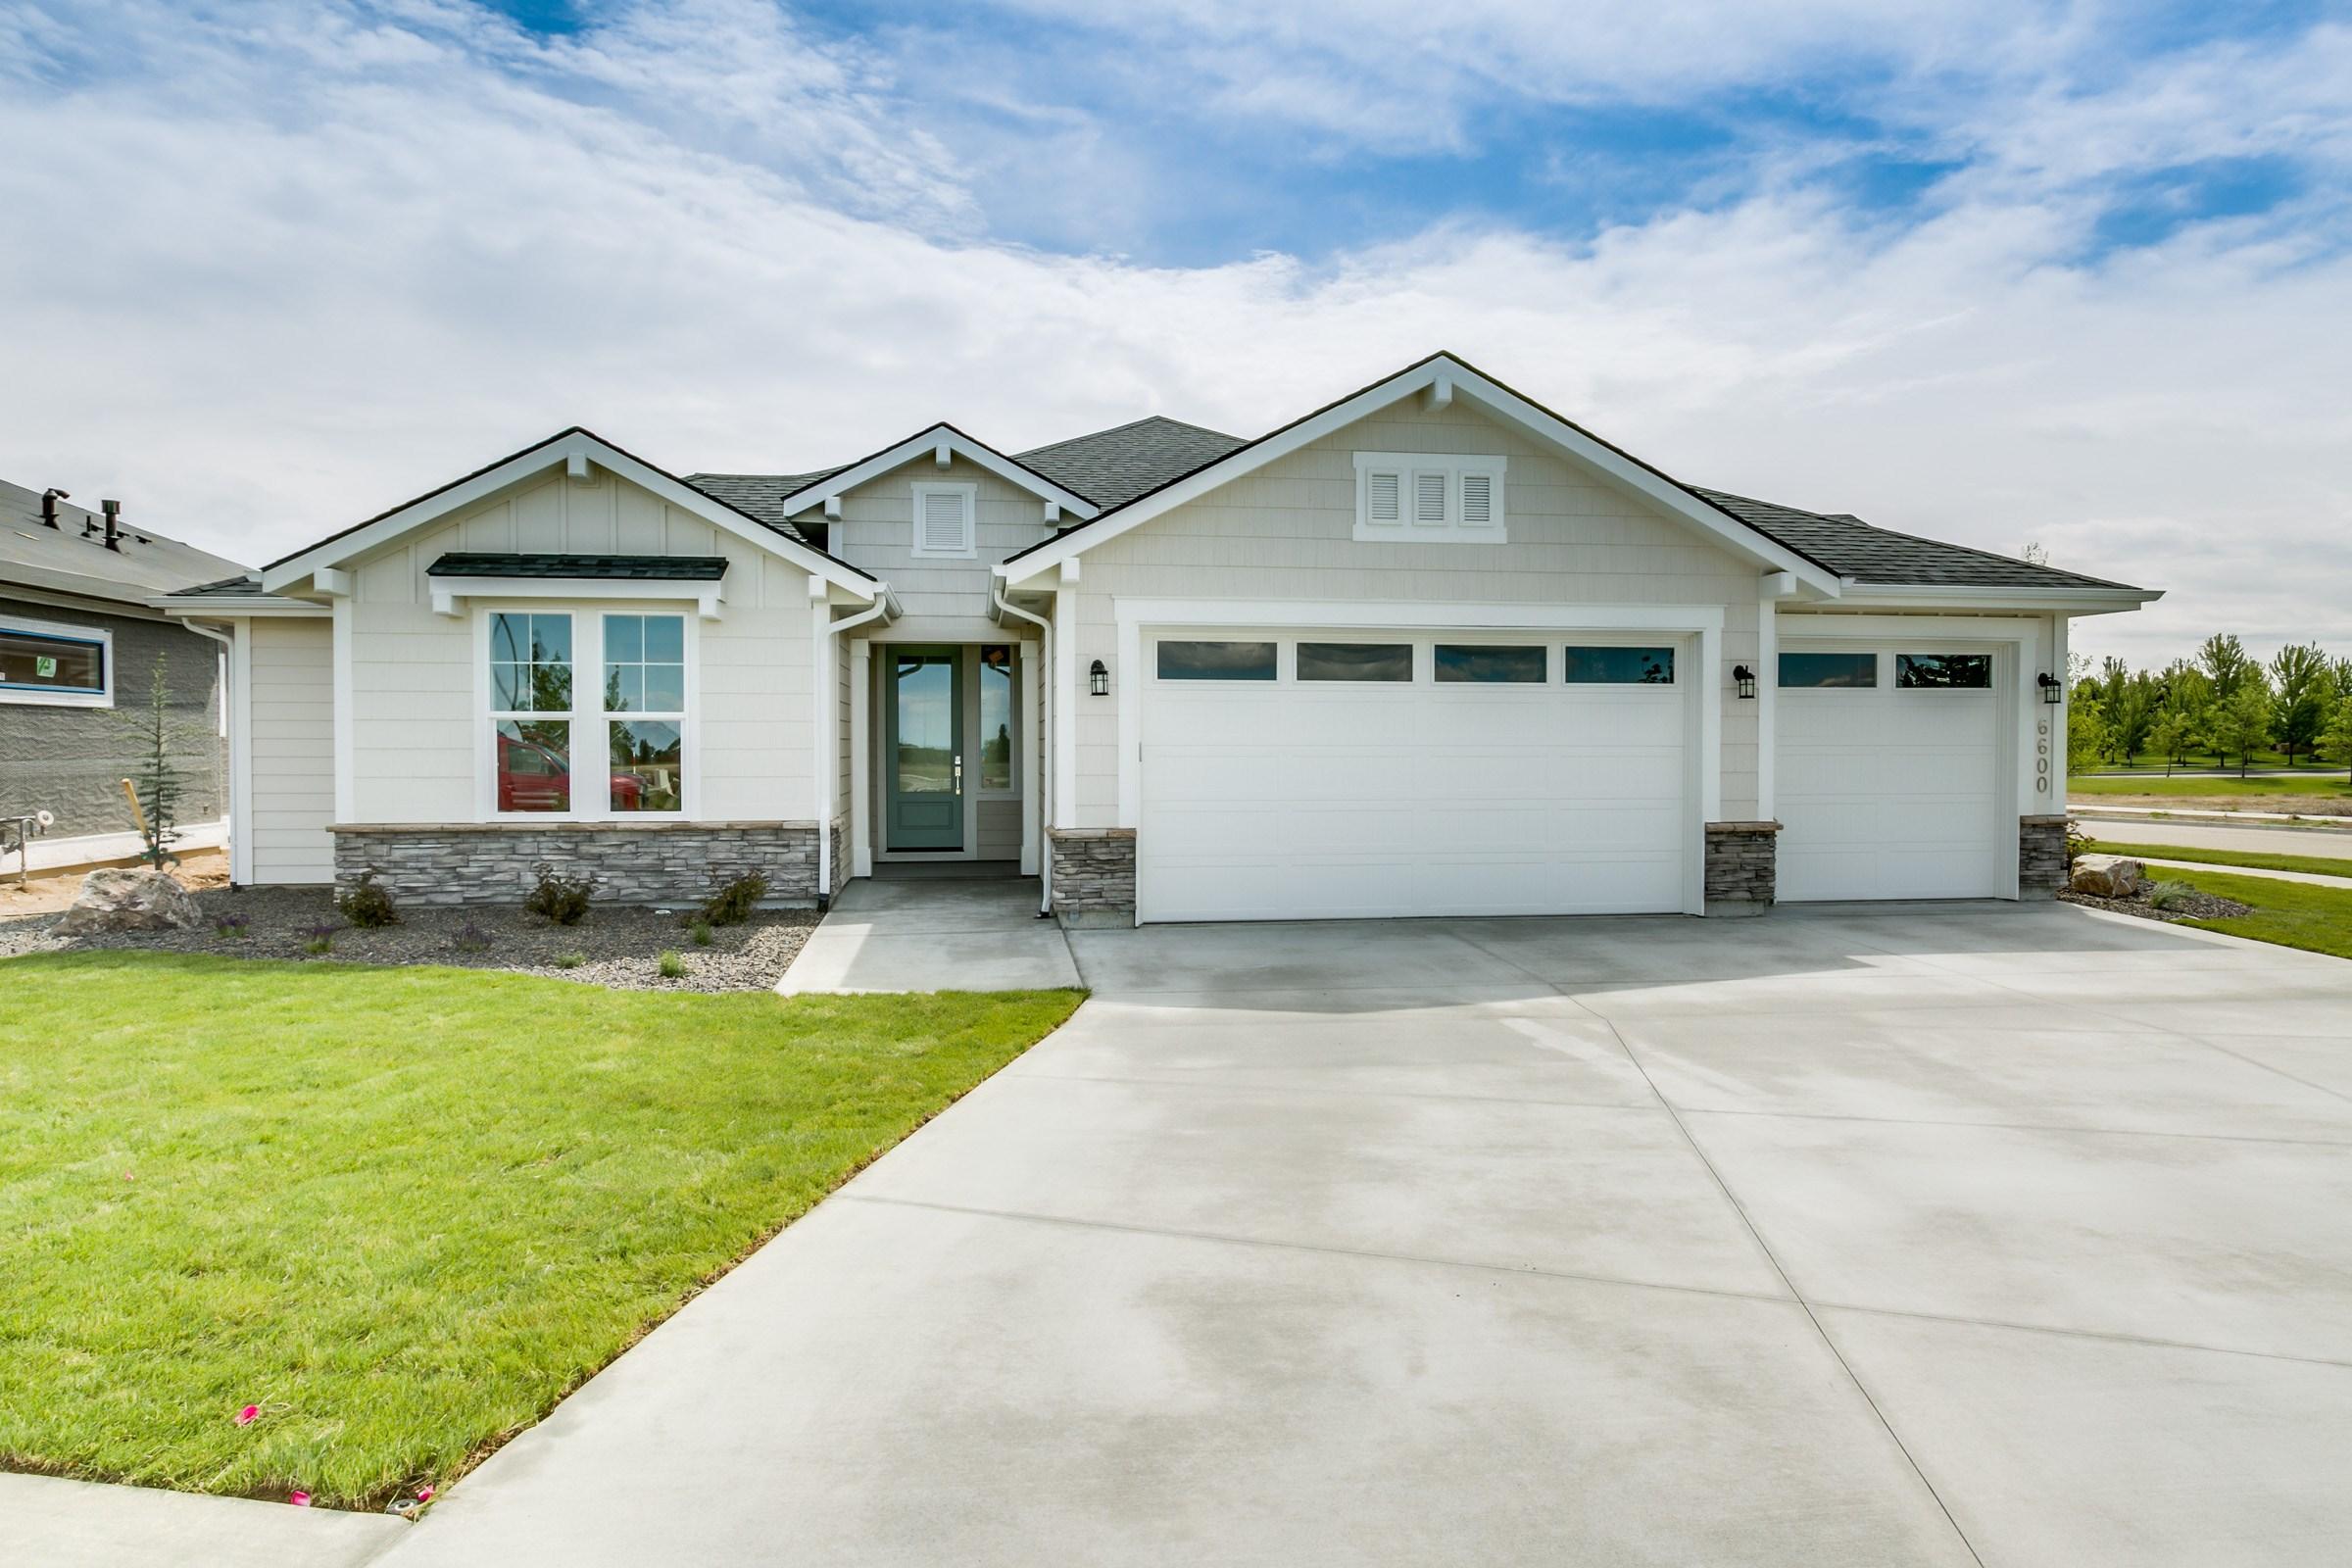 Casa para uma família para Venda às 3356 Wallberg Ave, Eagle 3356 S Wallberg Ave Eagle, Idaho, 83616 Estados Unidos